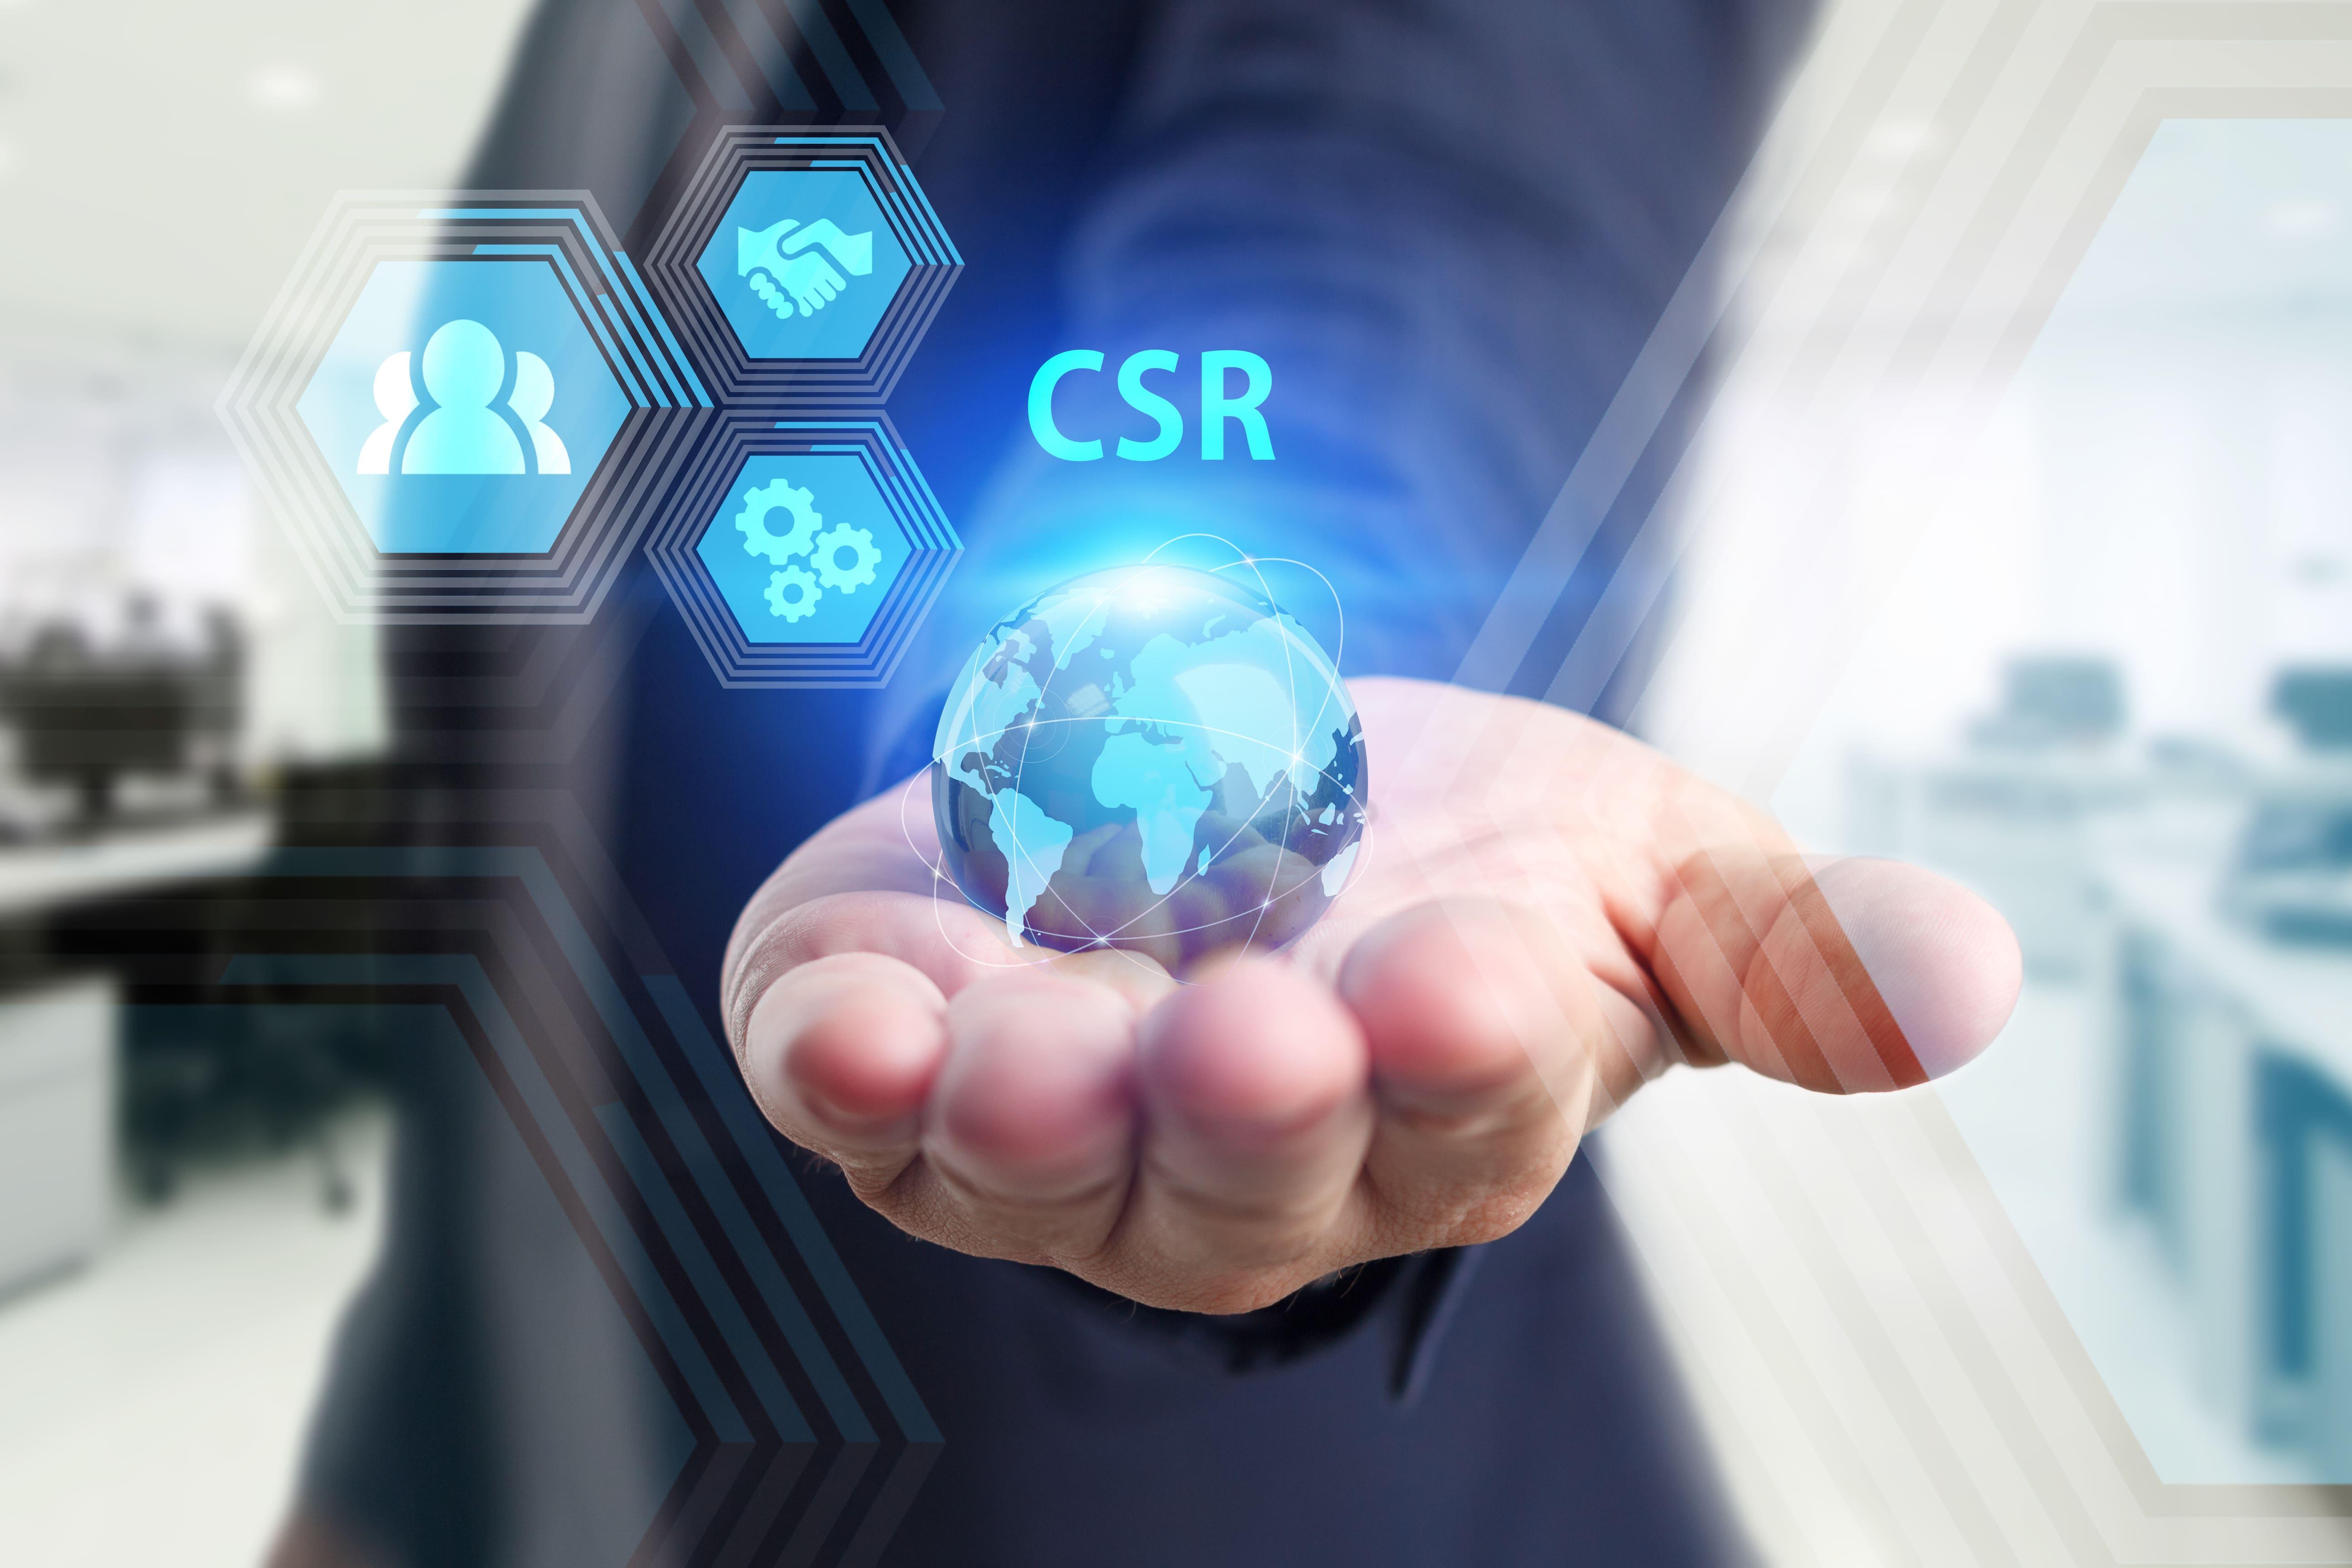 Czym jest CSR? Przykłady, jakie narzędzia CSR?